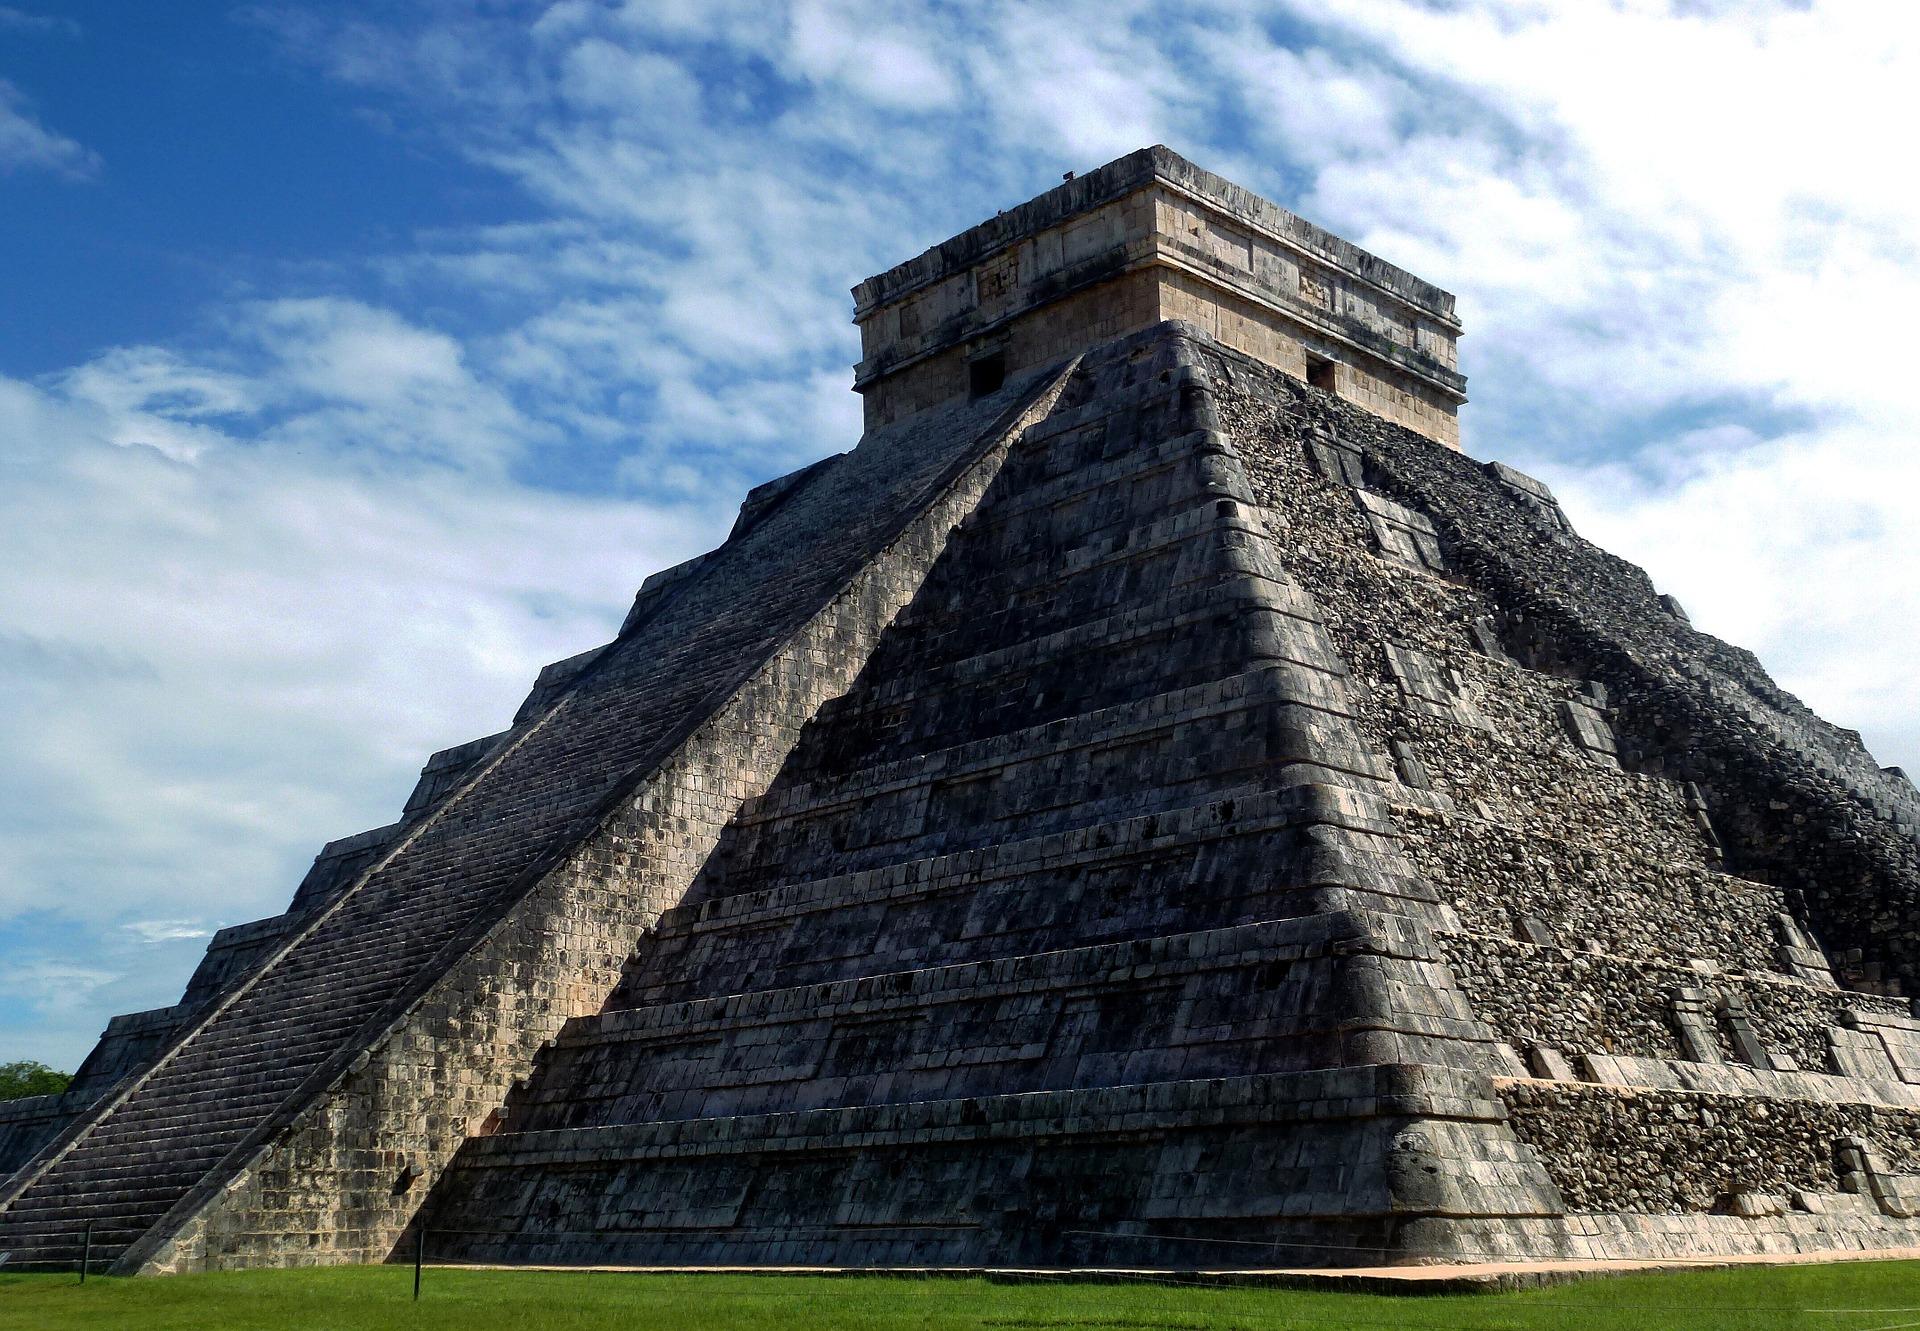 Private detectives and investigators in Mexico